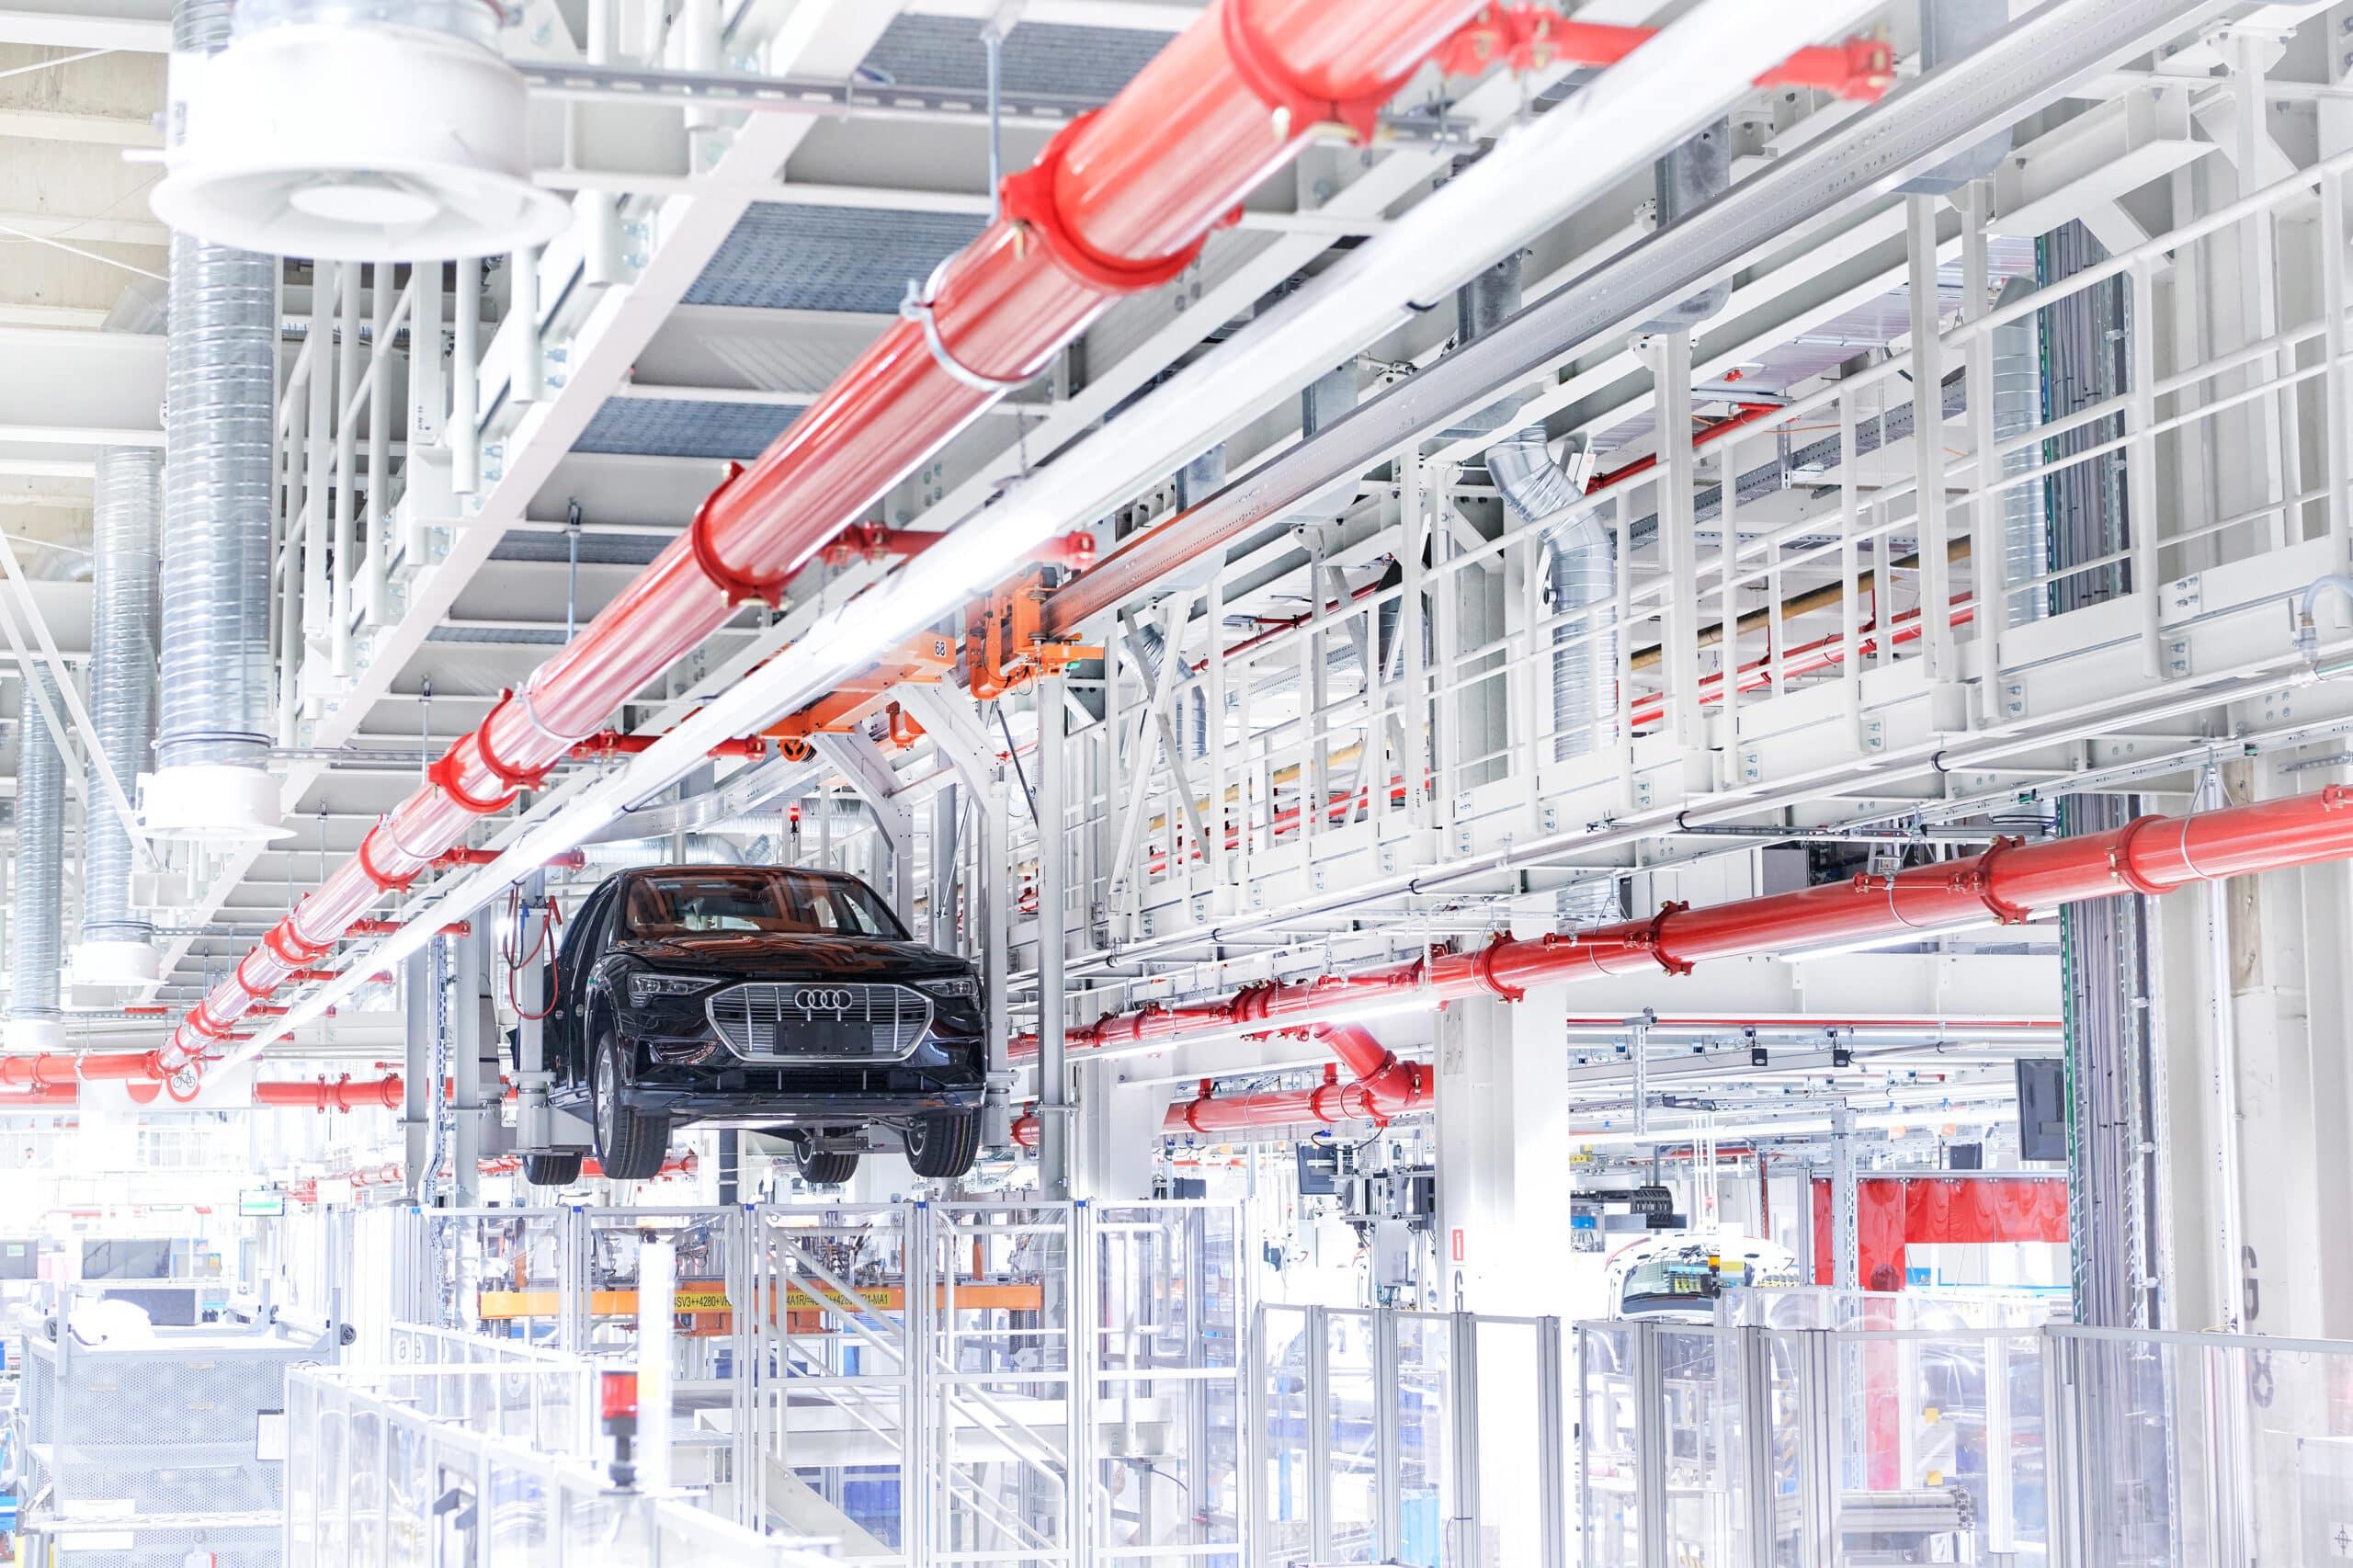 ¡Tecnología verde! Audi comparte sus proyectos y soluciones ambientales